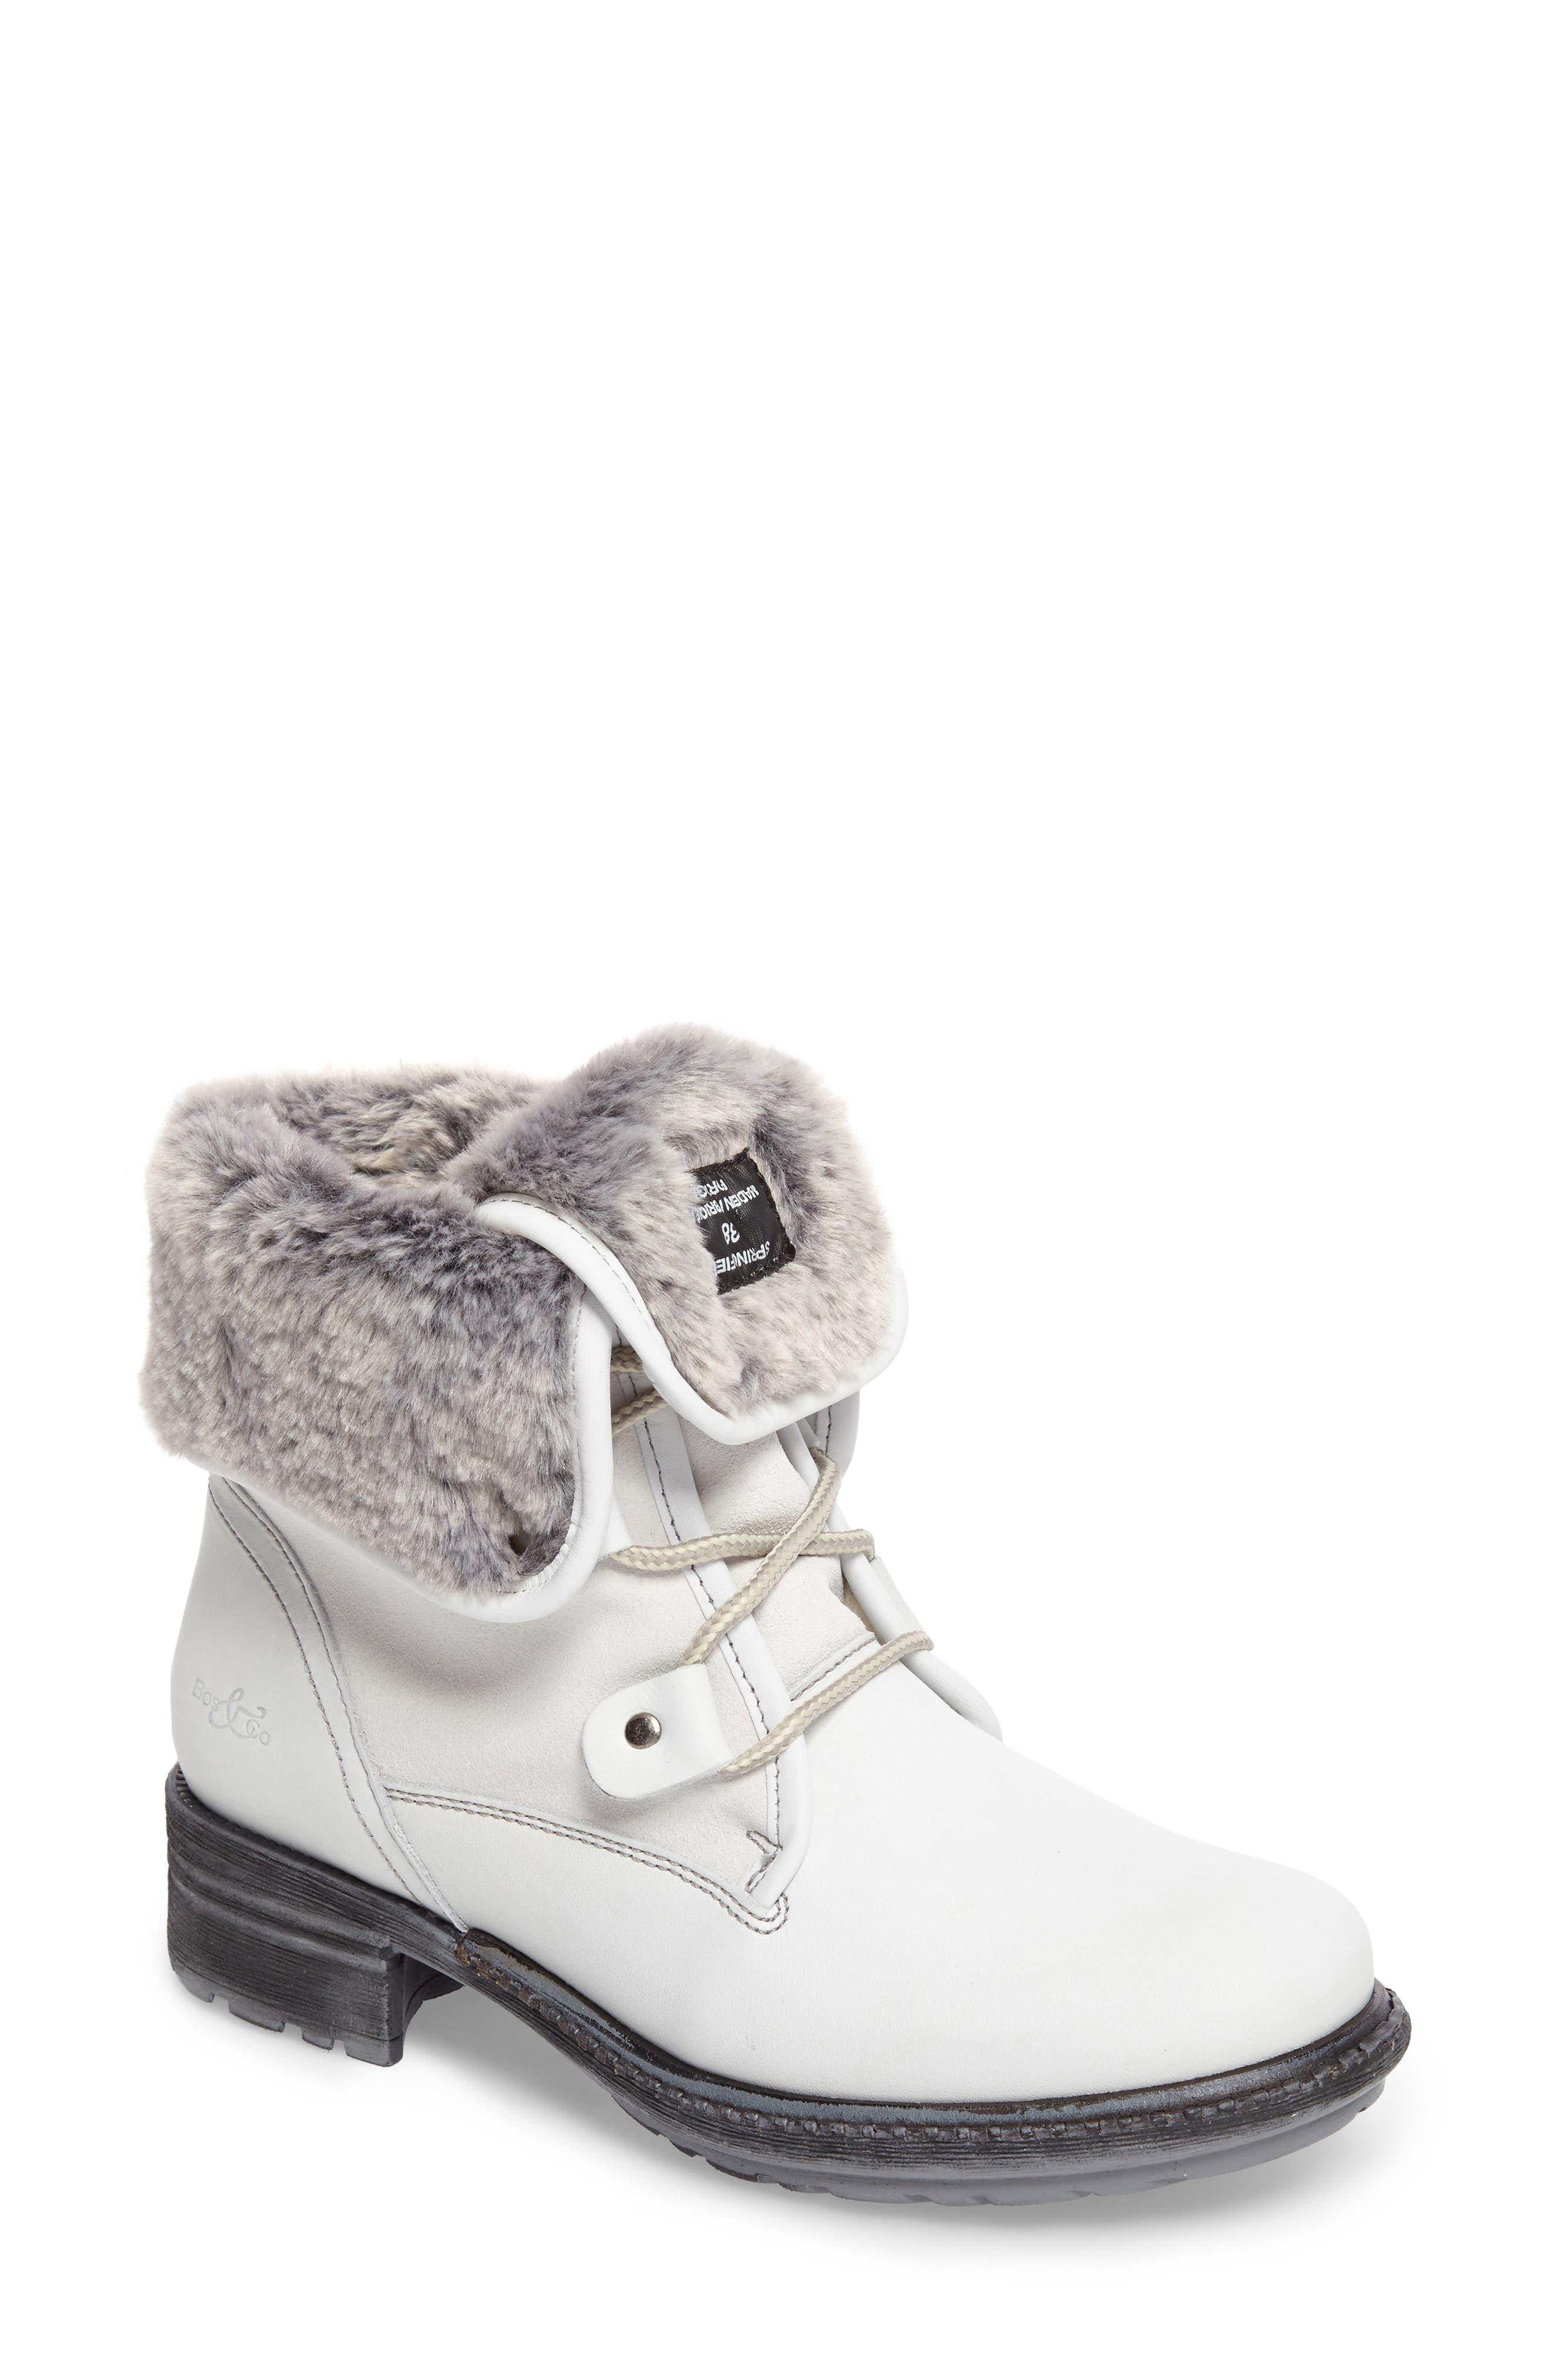 Bos. & Co. Springfield Waterproof Winter Boot (Women)